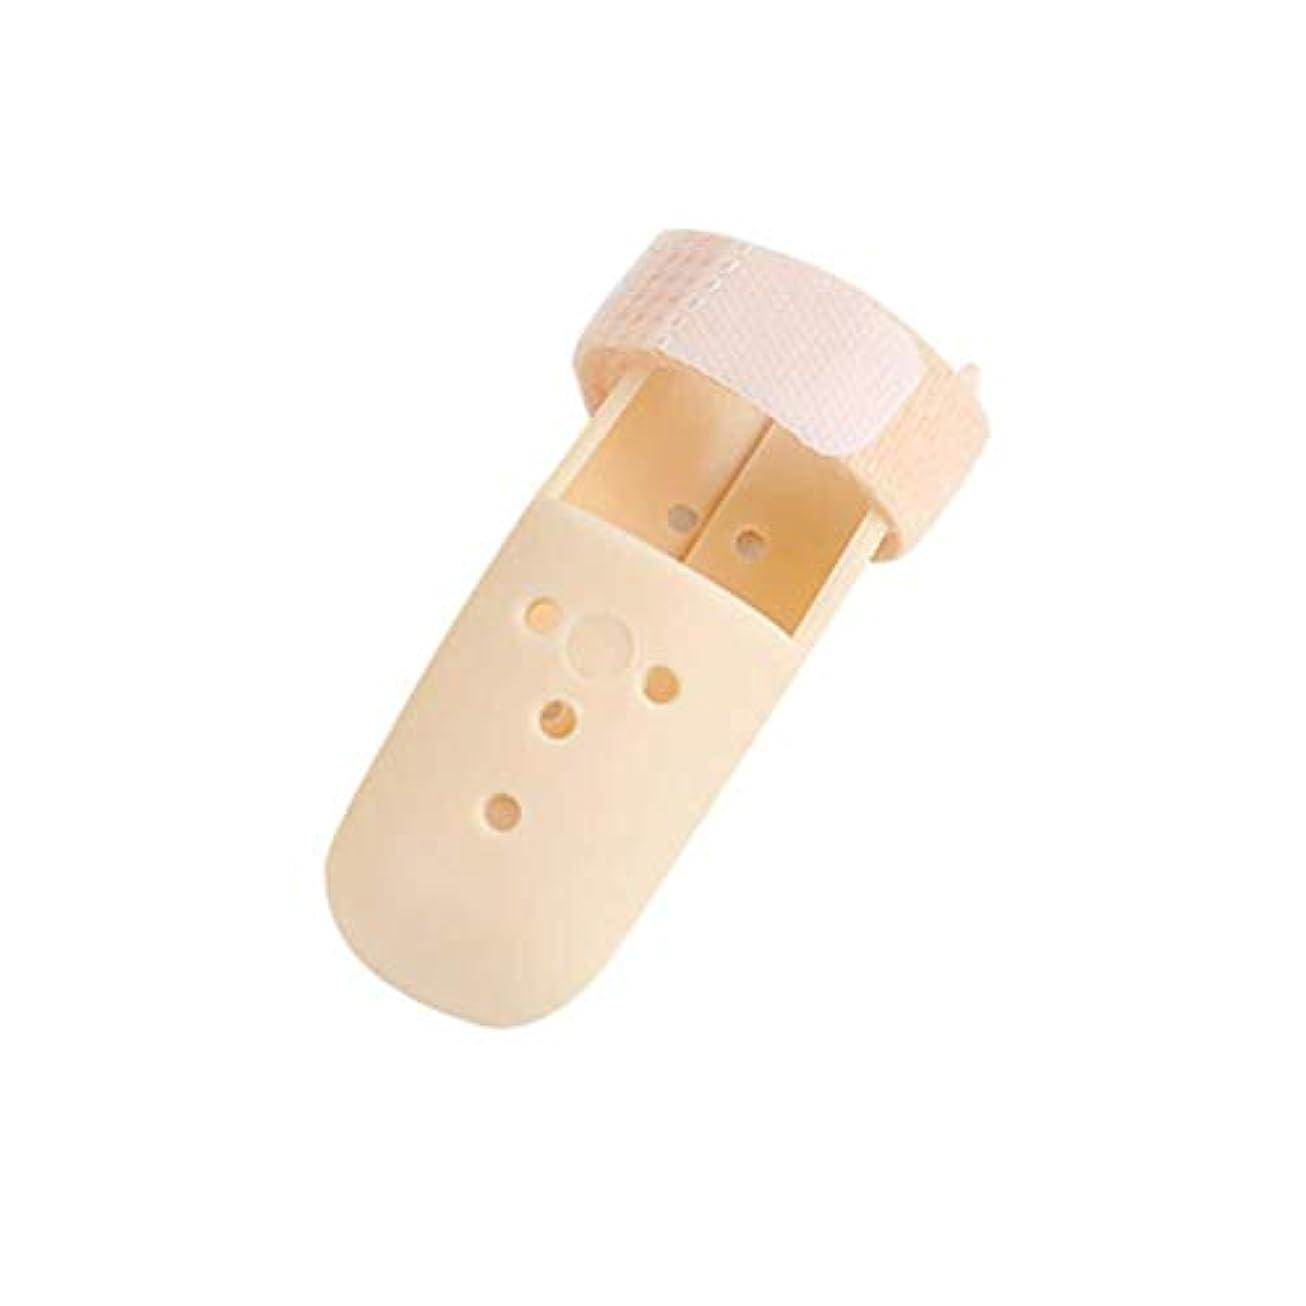 スチール保全ブルーベル指のけがのためのトリガーのための指の添え木、壊れた関節炎の指ブレース矯正指サポートプロテクター